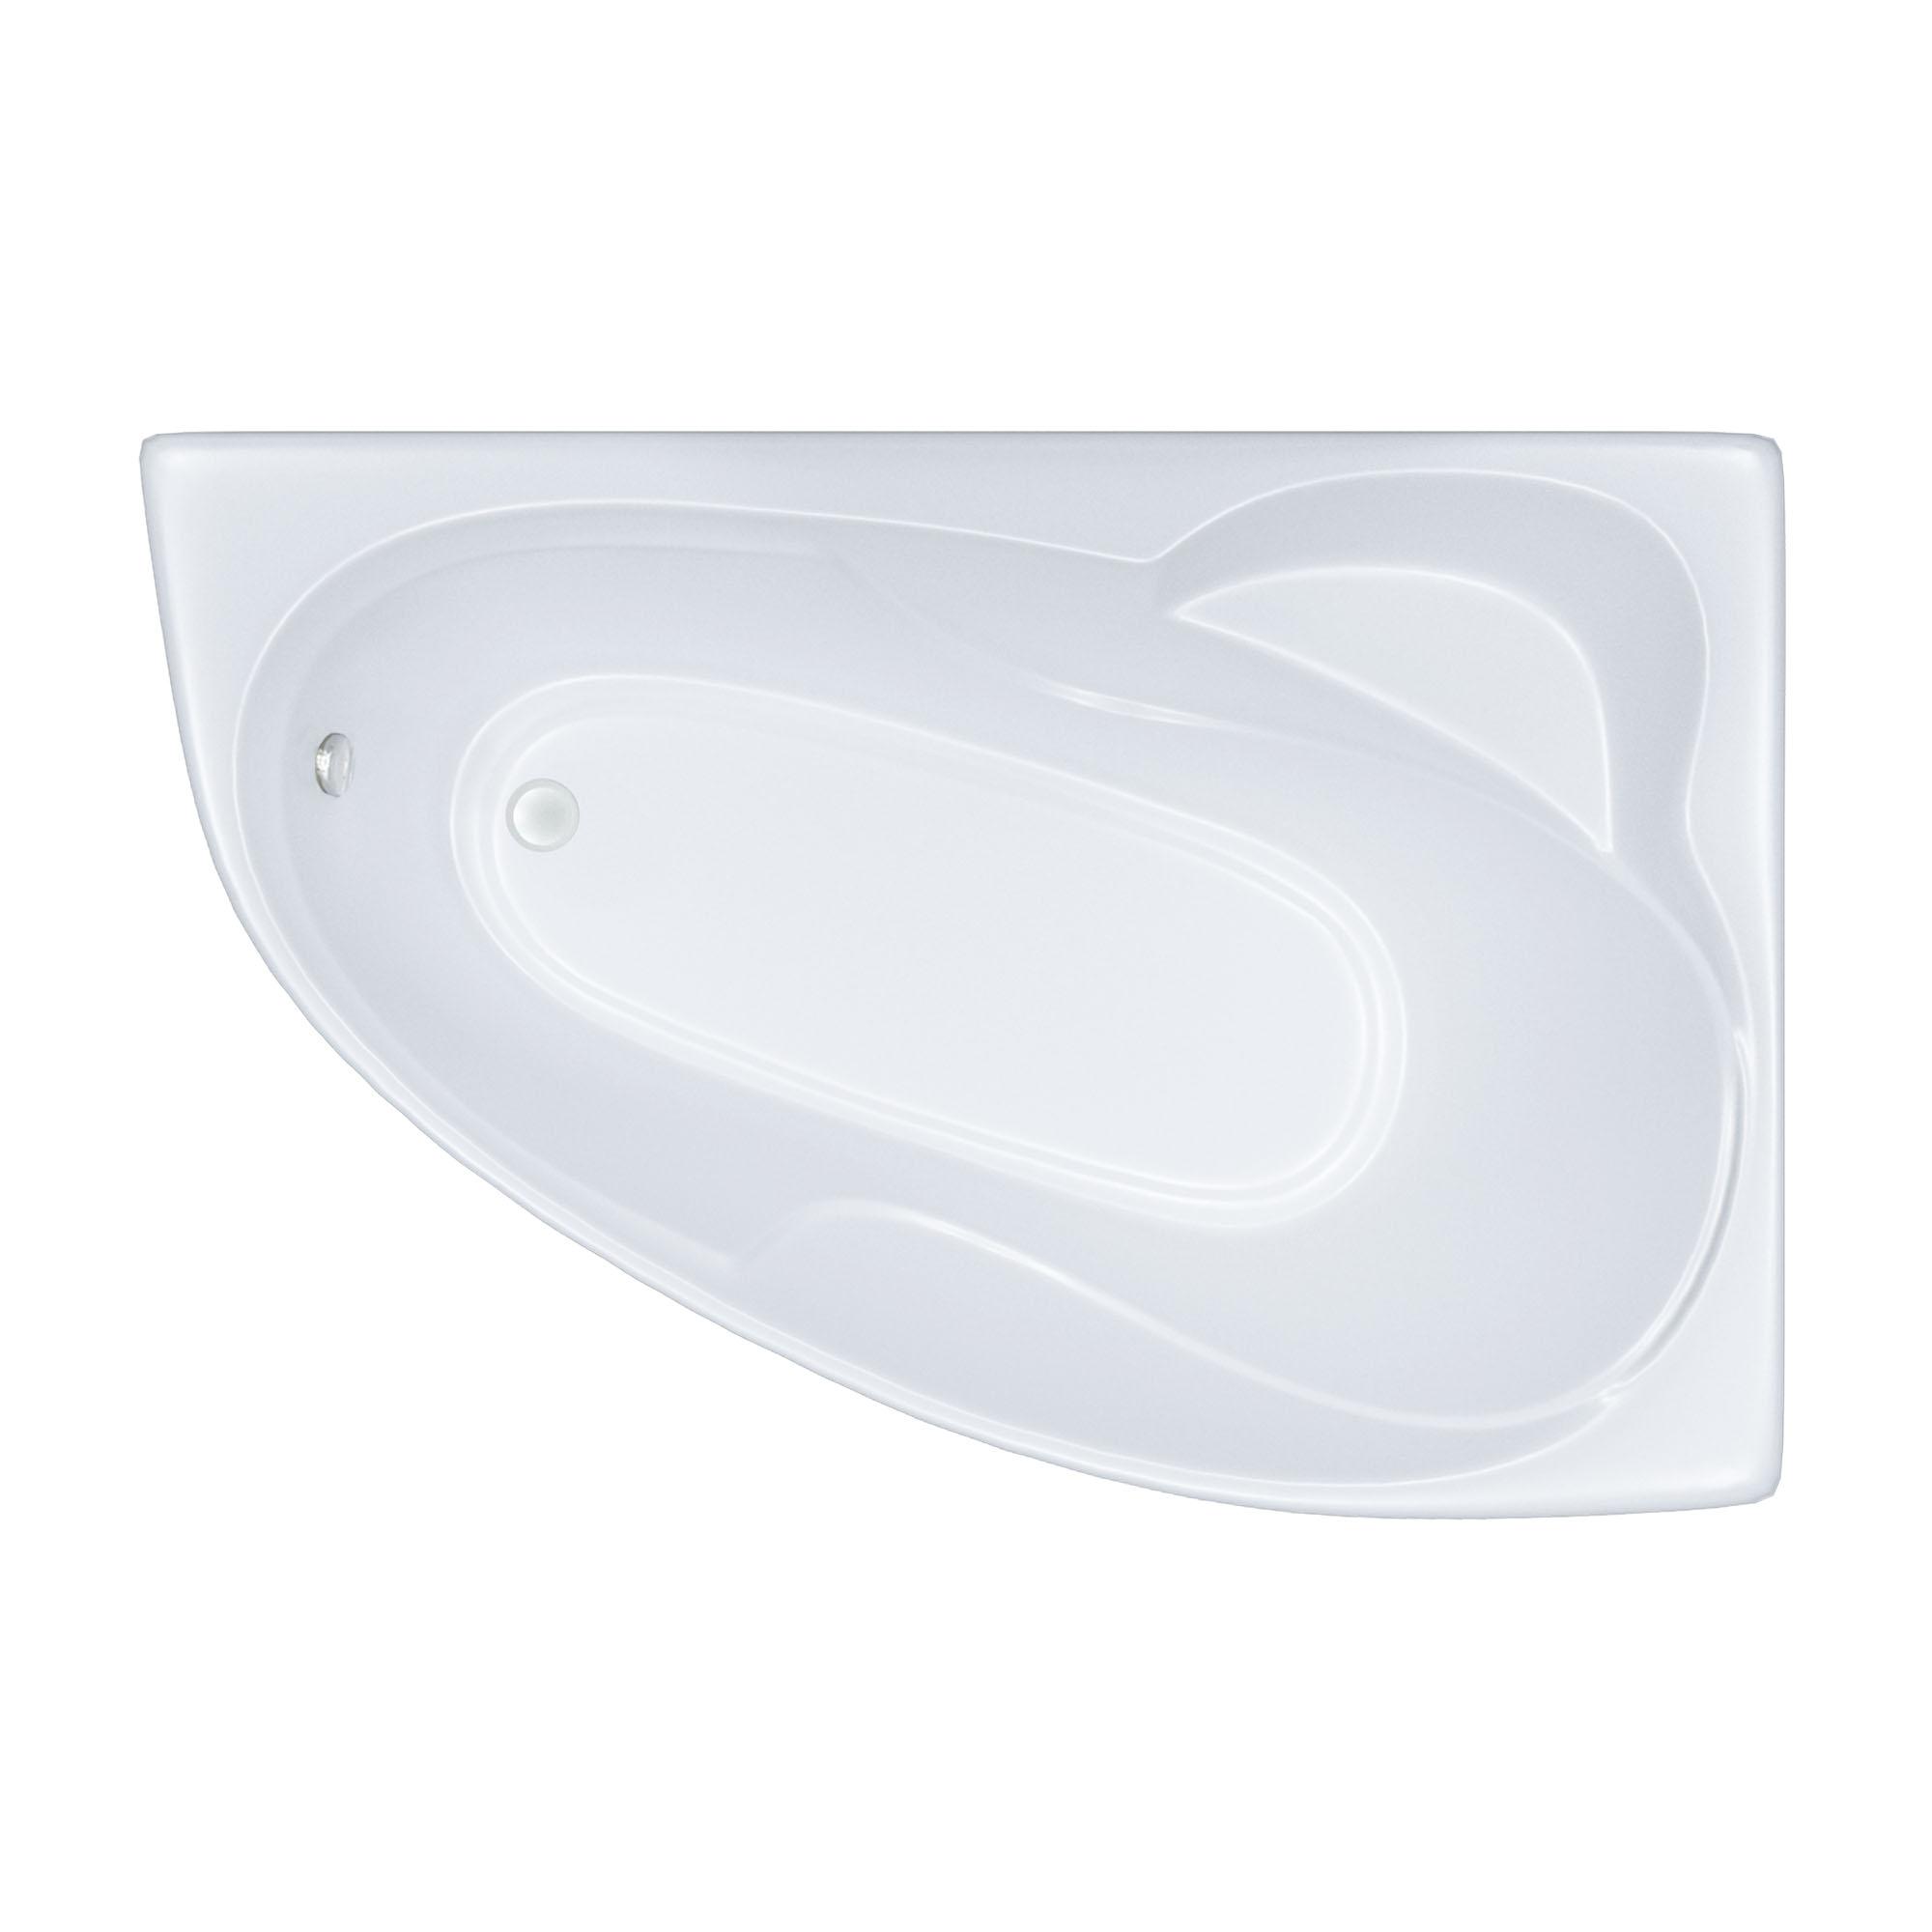 Акриловая ванна Тритон Кайли левая цена